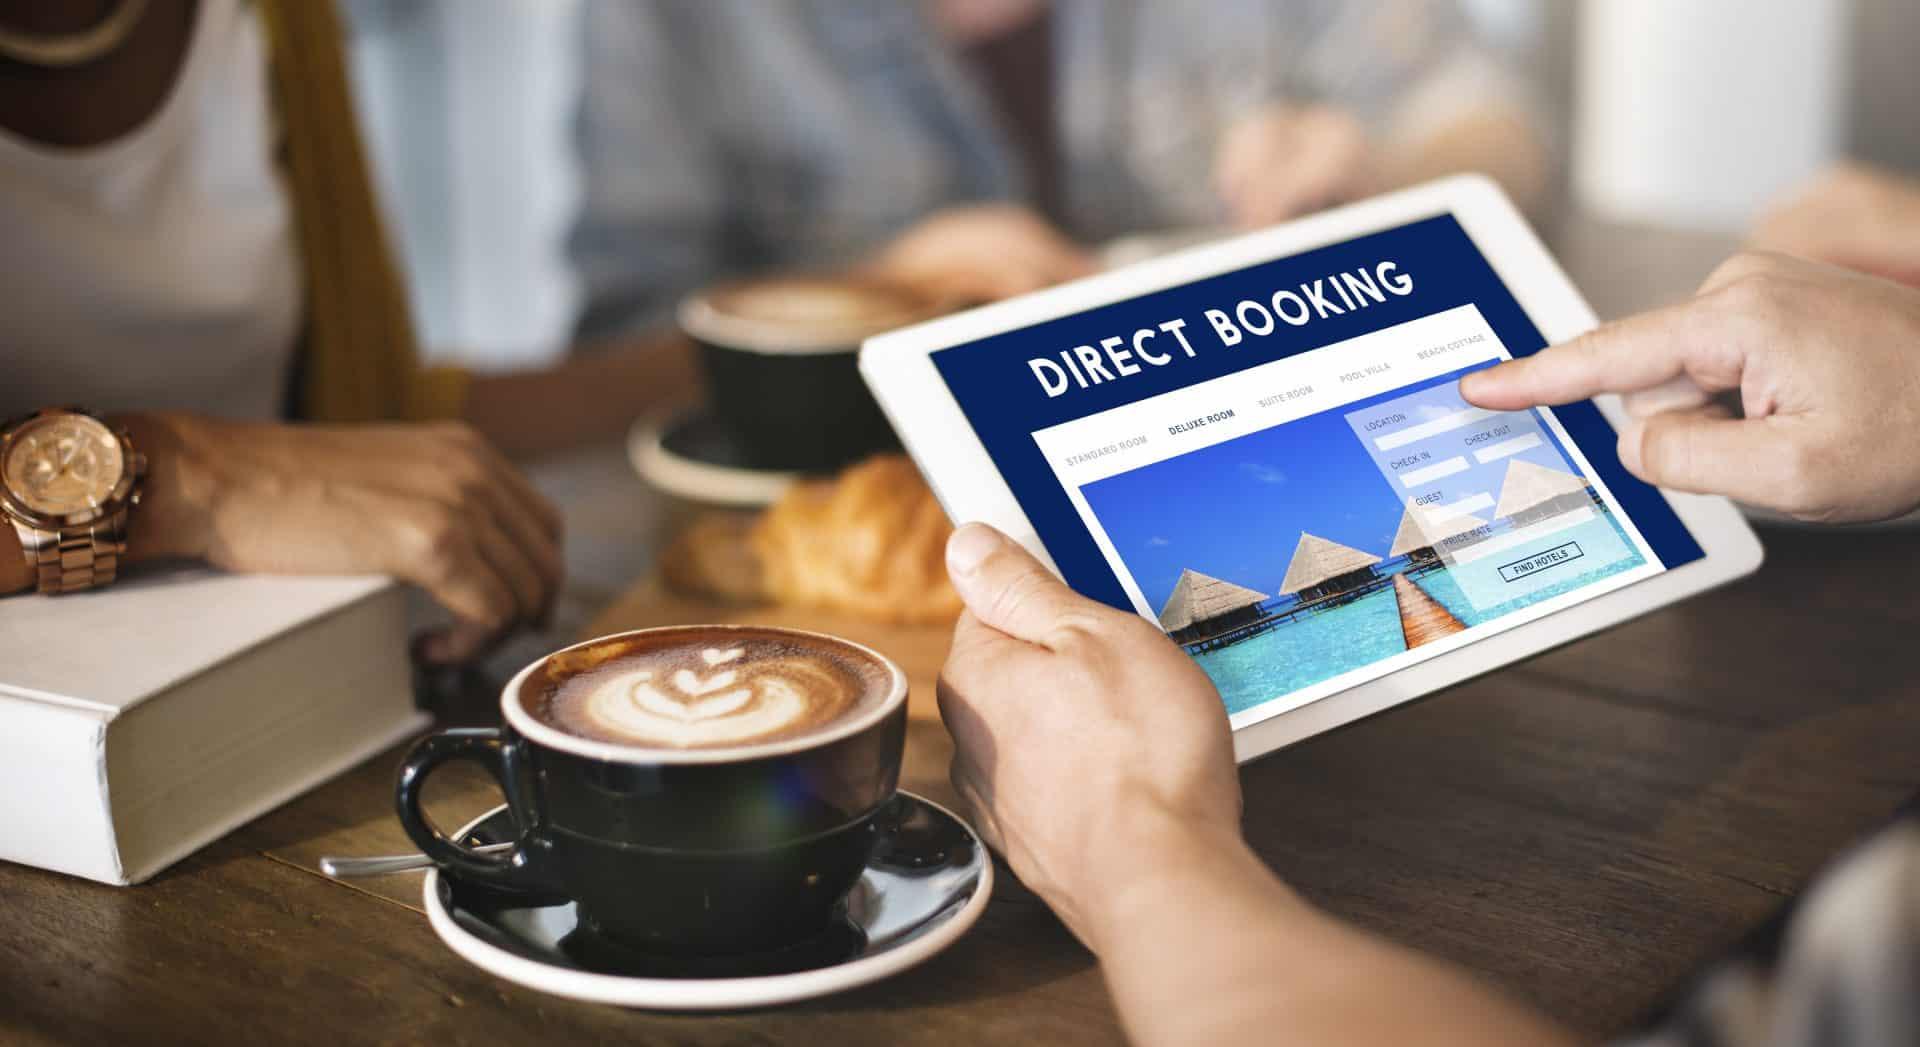 Giải pháp công nghệ để khách sạn đáp ứng những kỳ vọng mới của khách hàng